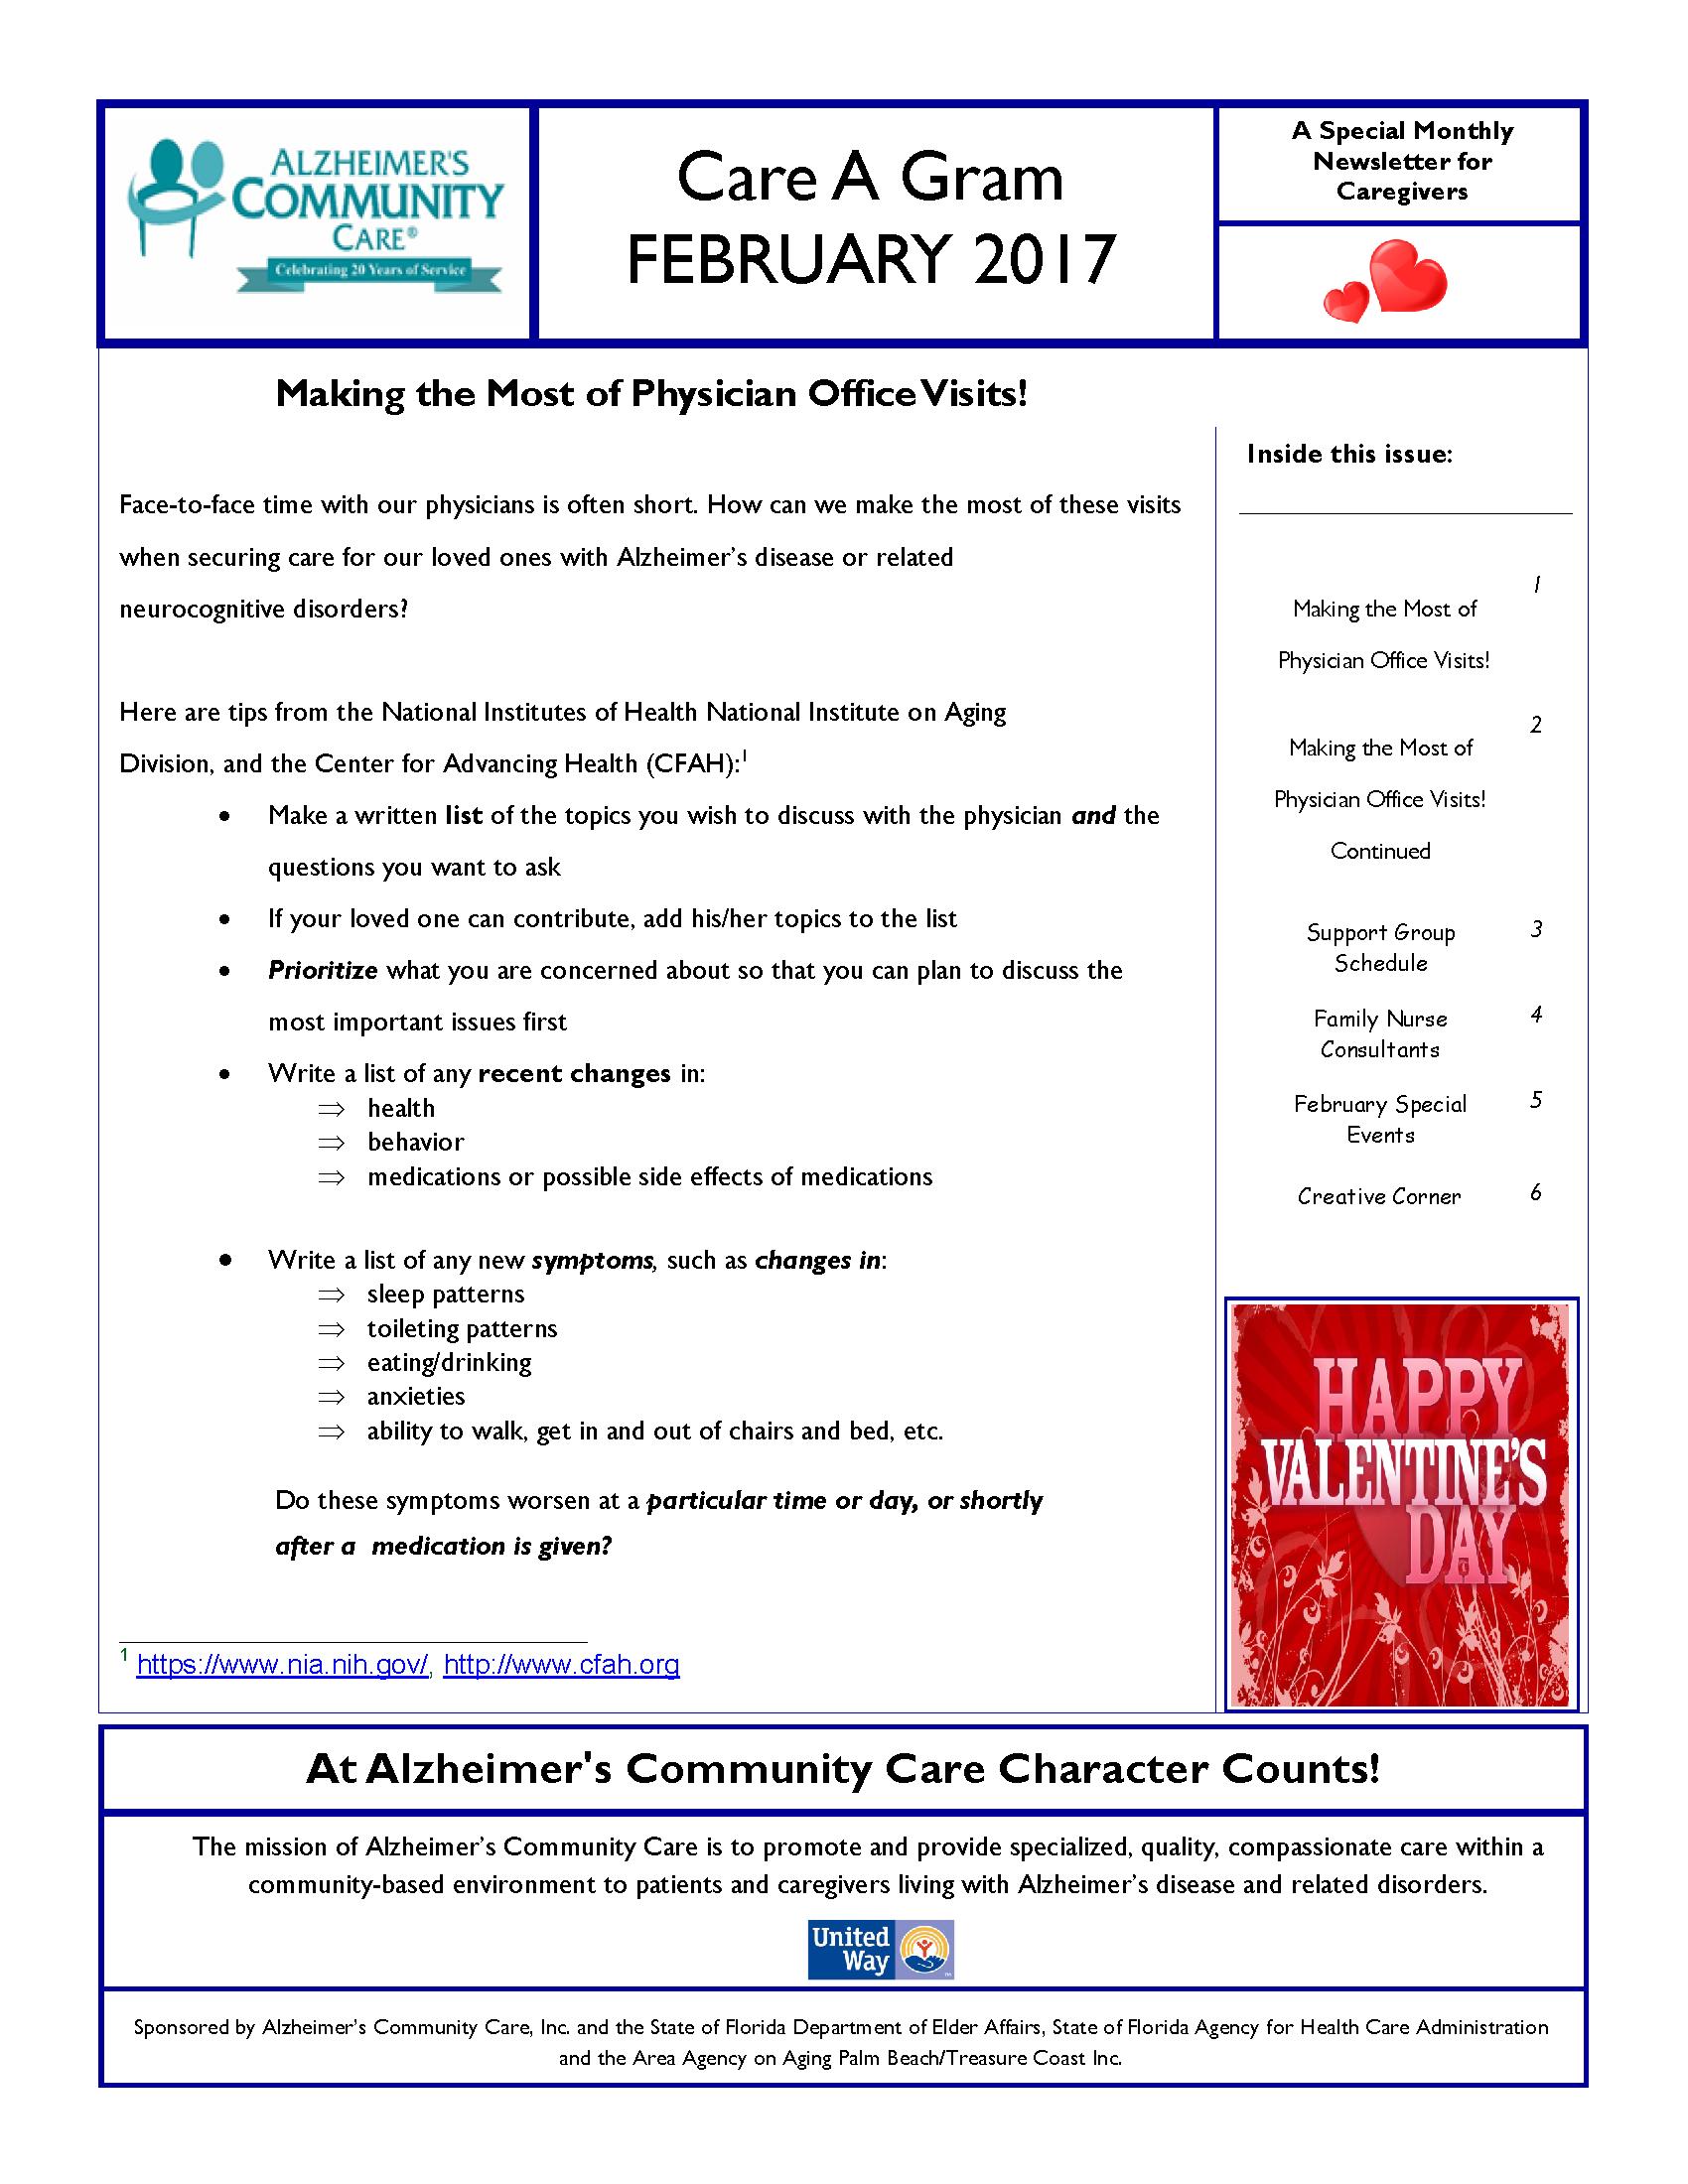 February 2017 Care A Gram